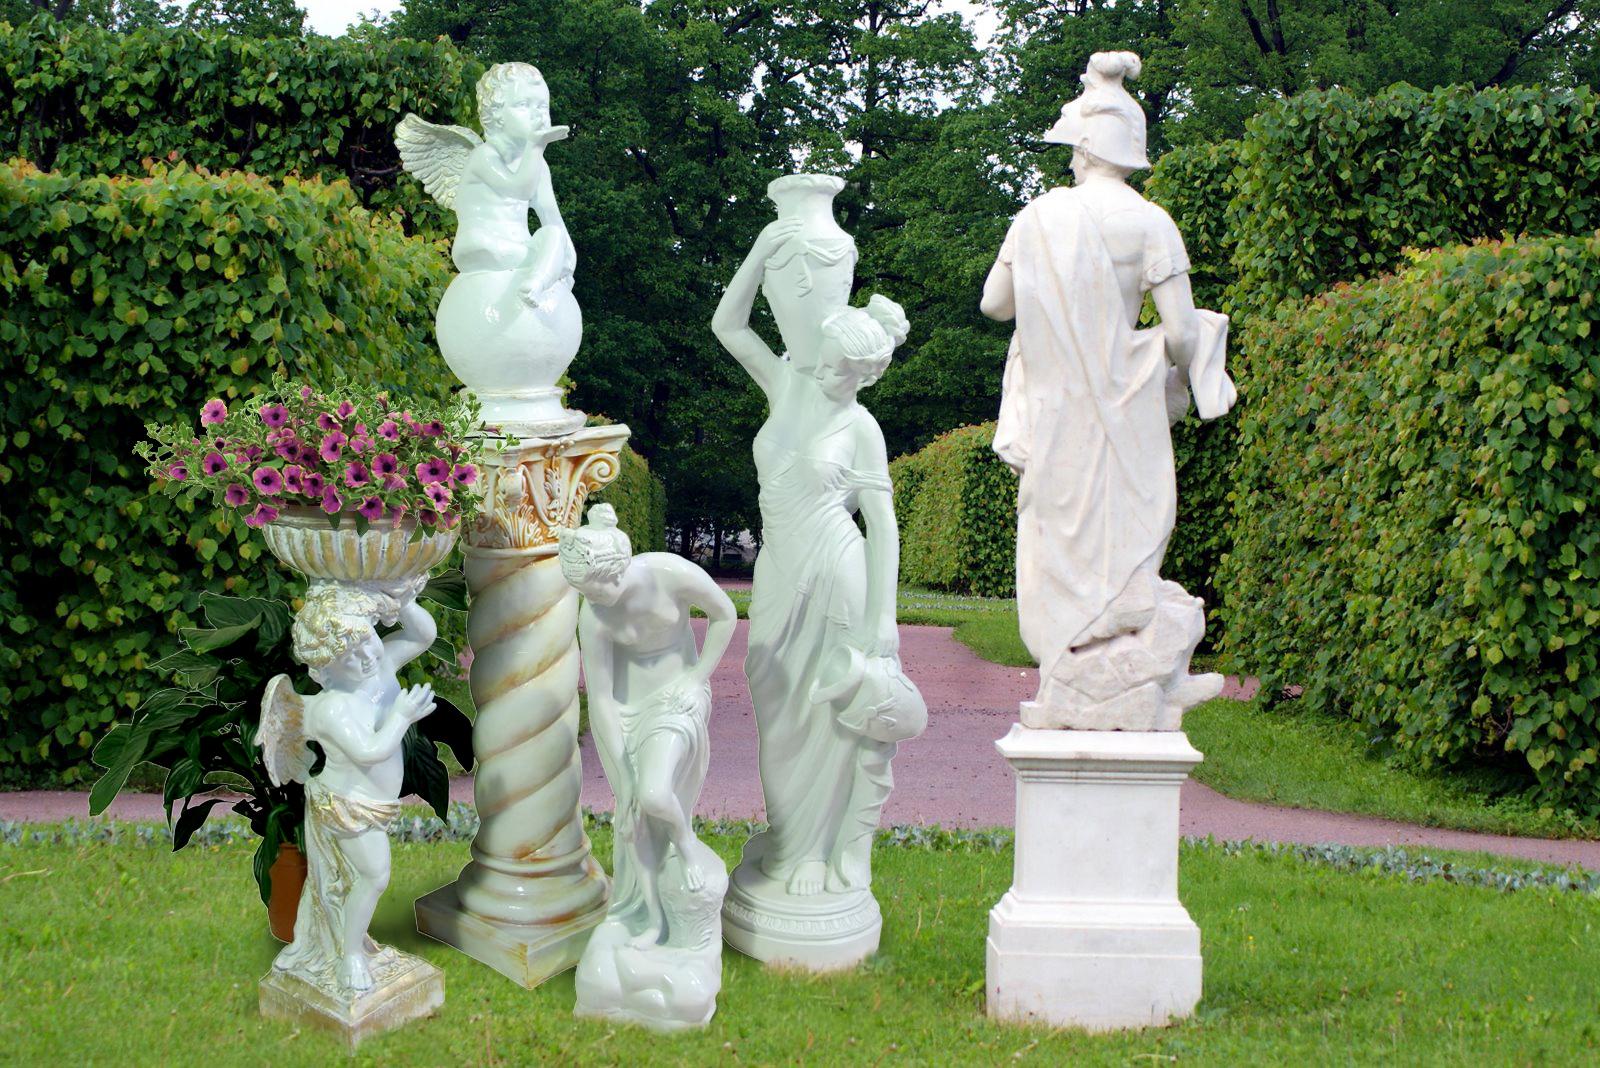 садовая скульптура заказать купить интернет магазин